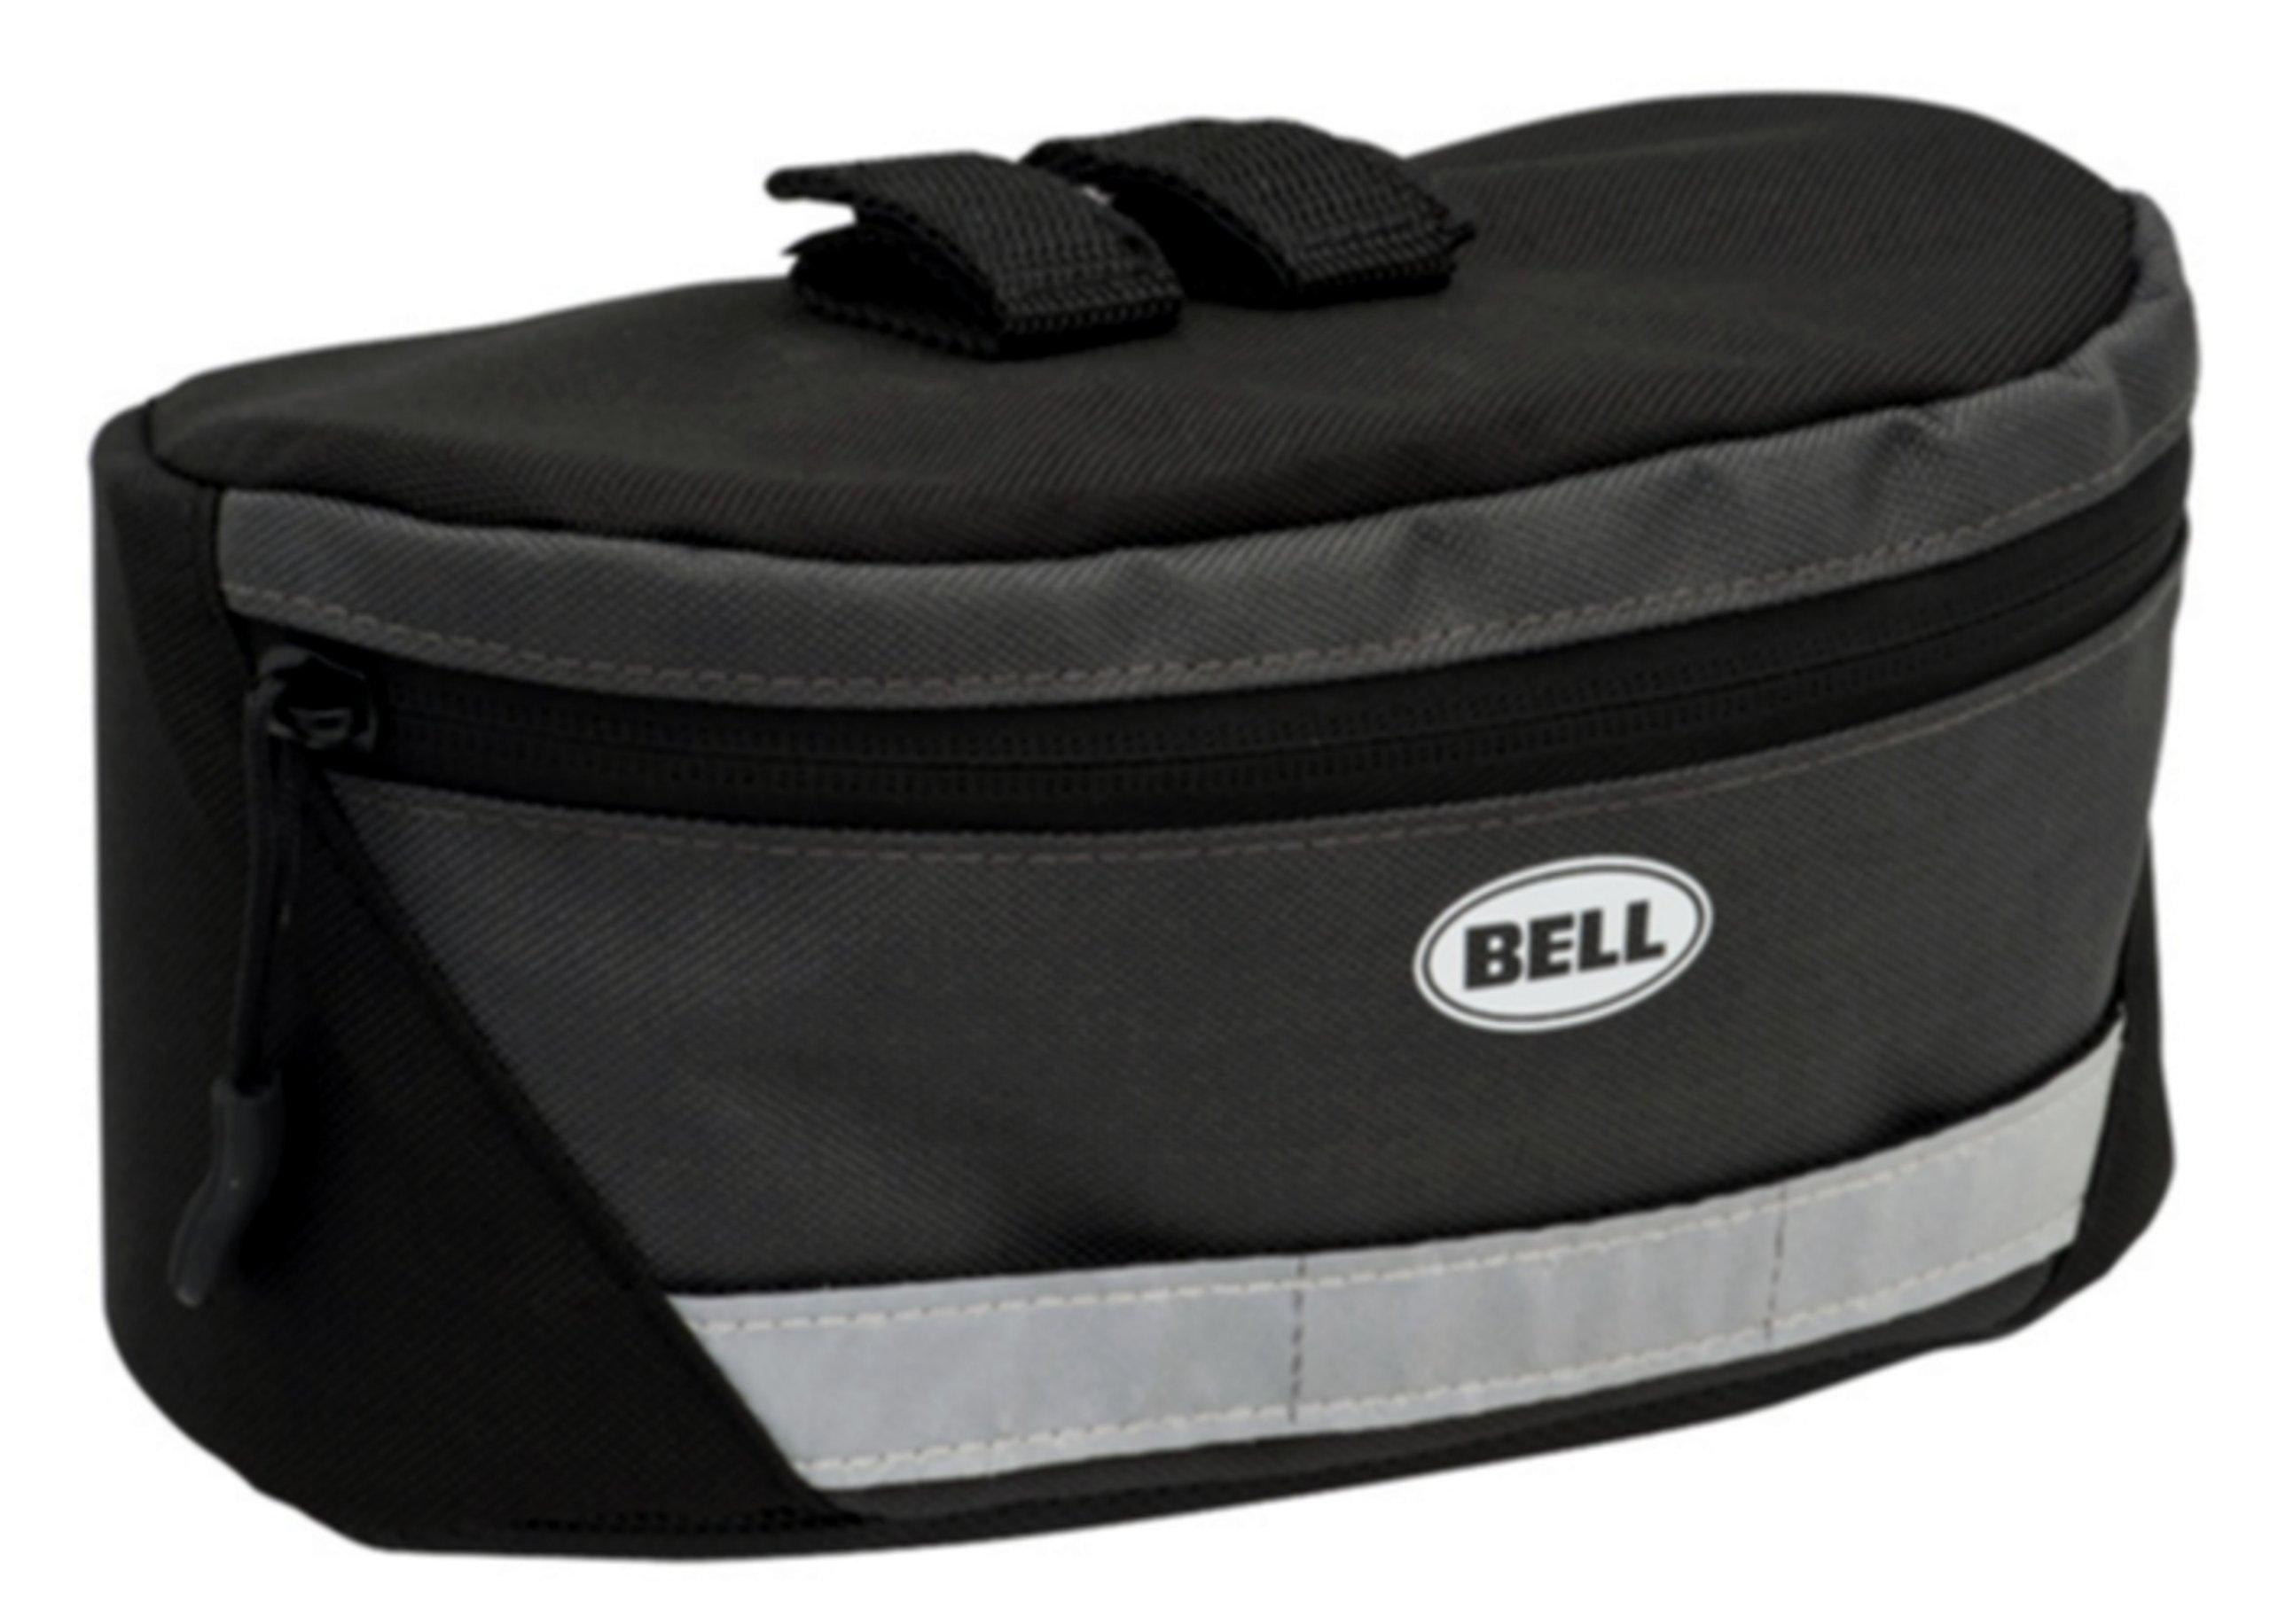 Bell Rucksack 400 Cruiser Seat Bag, Black